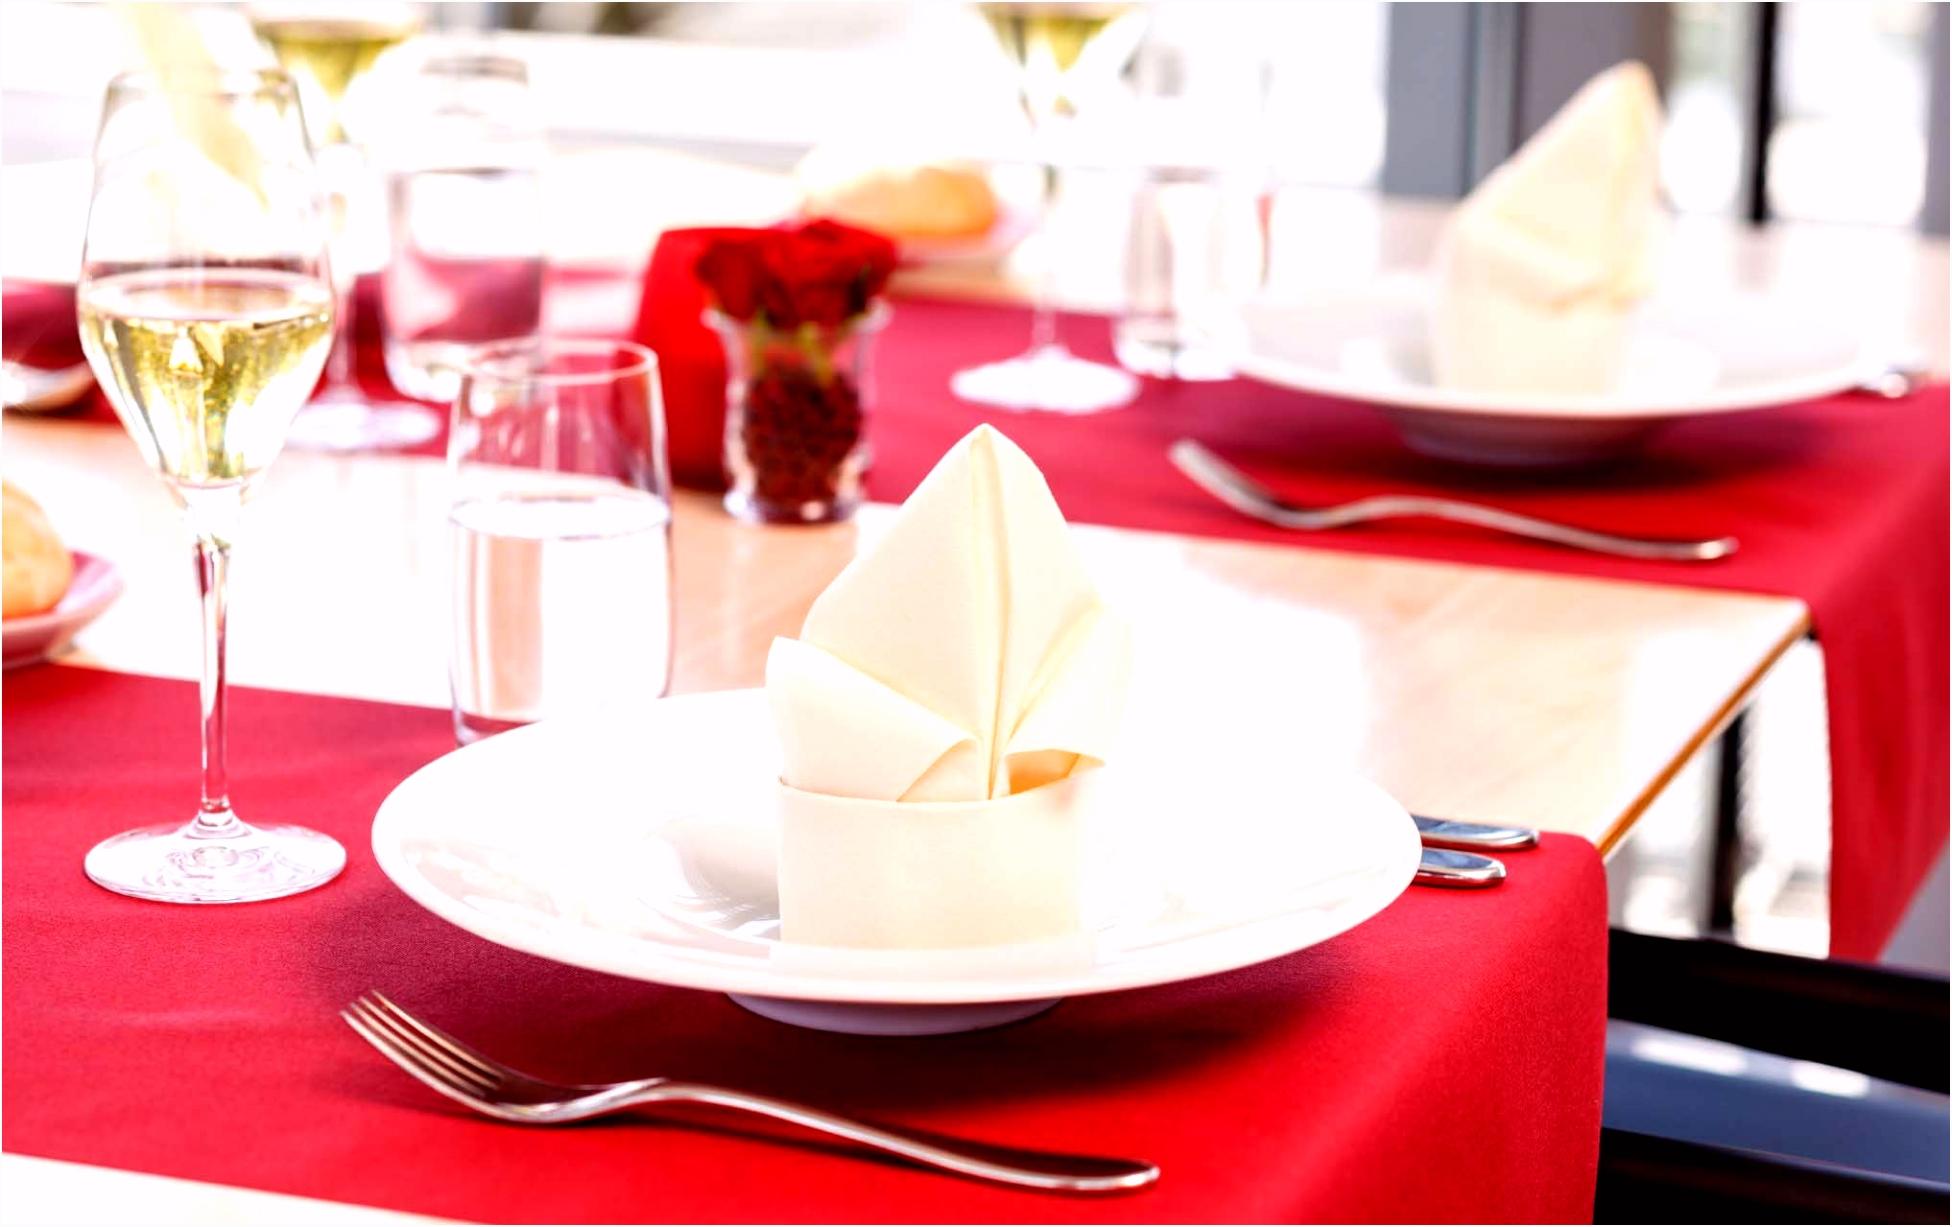 Tafeldecoratie handige tips voor het opmaken van uw feesttafel